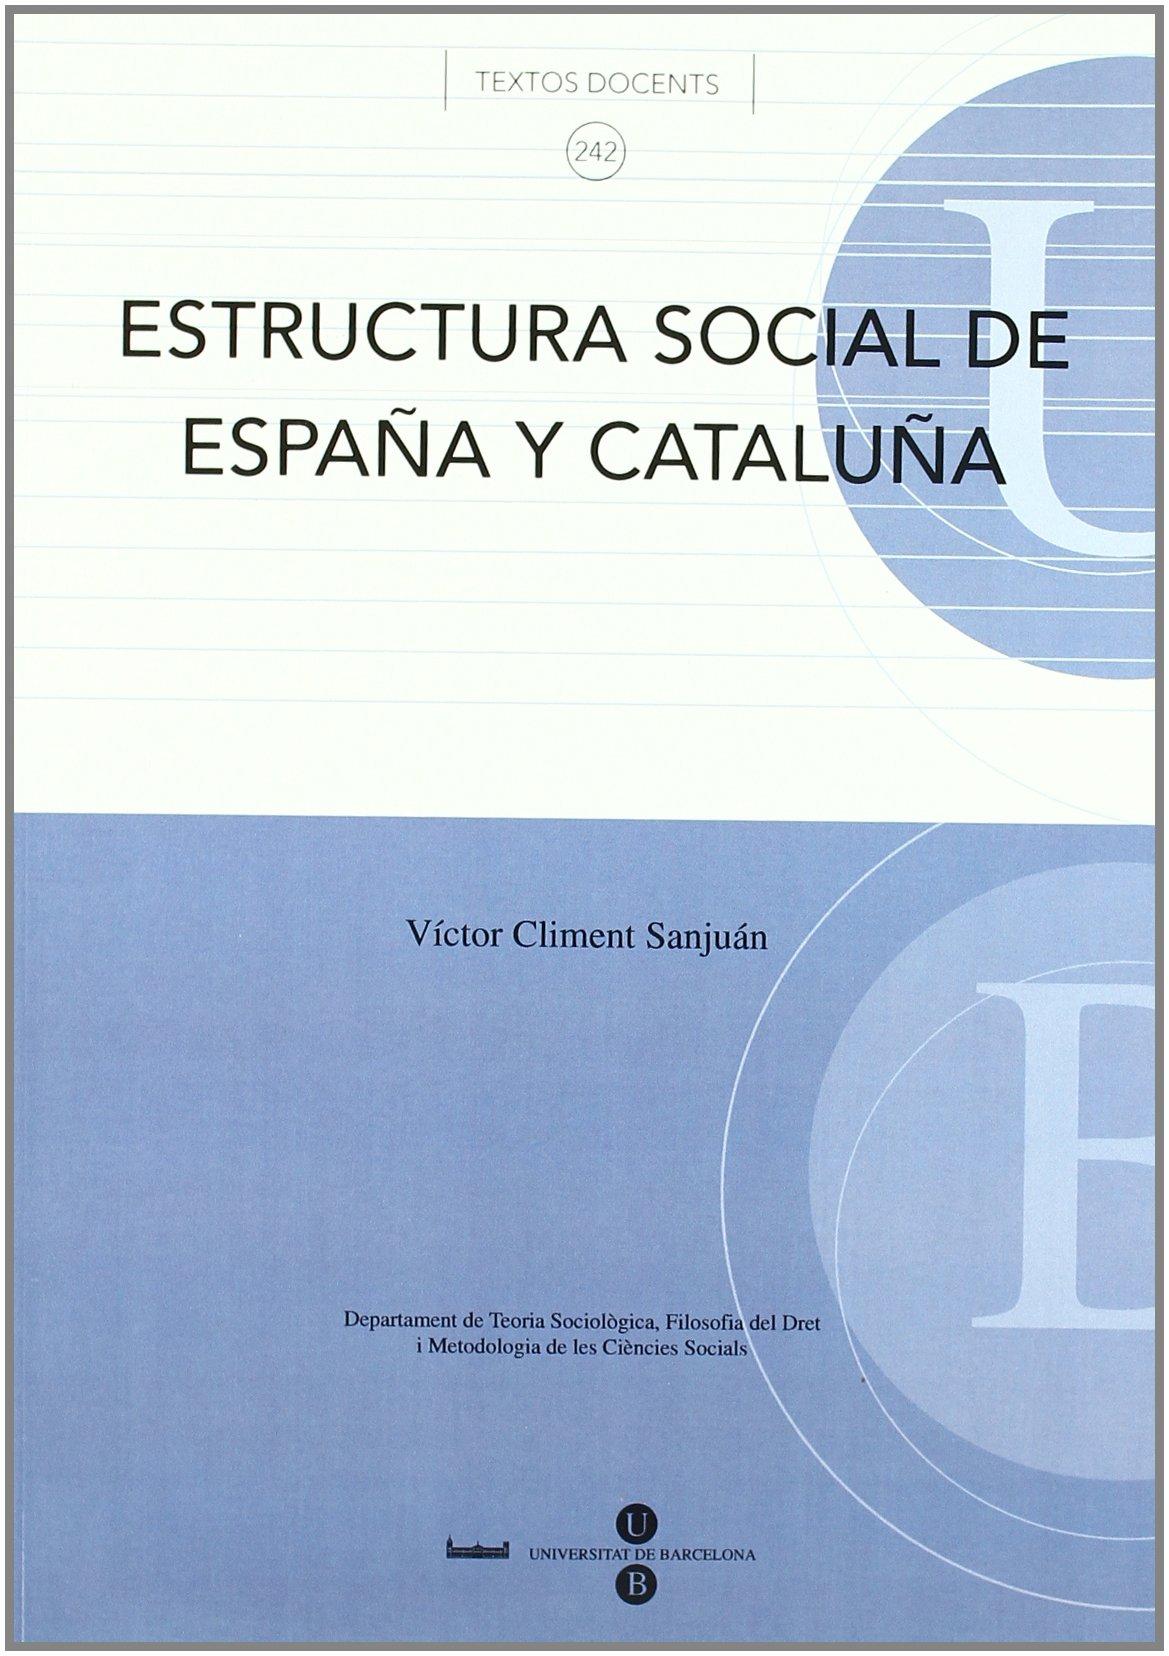 Estructura social de España y Cataluña TEXTOS DOCENTS: Amazon.es ...